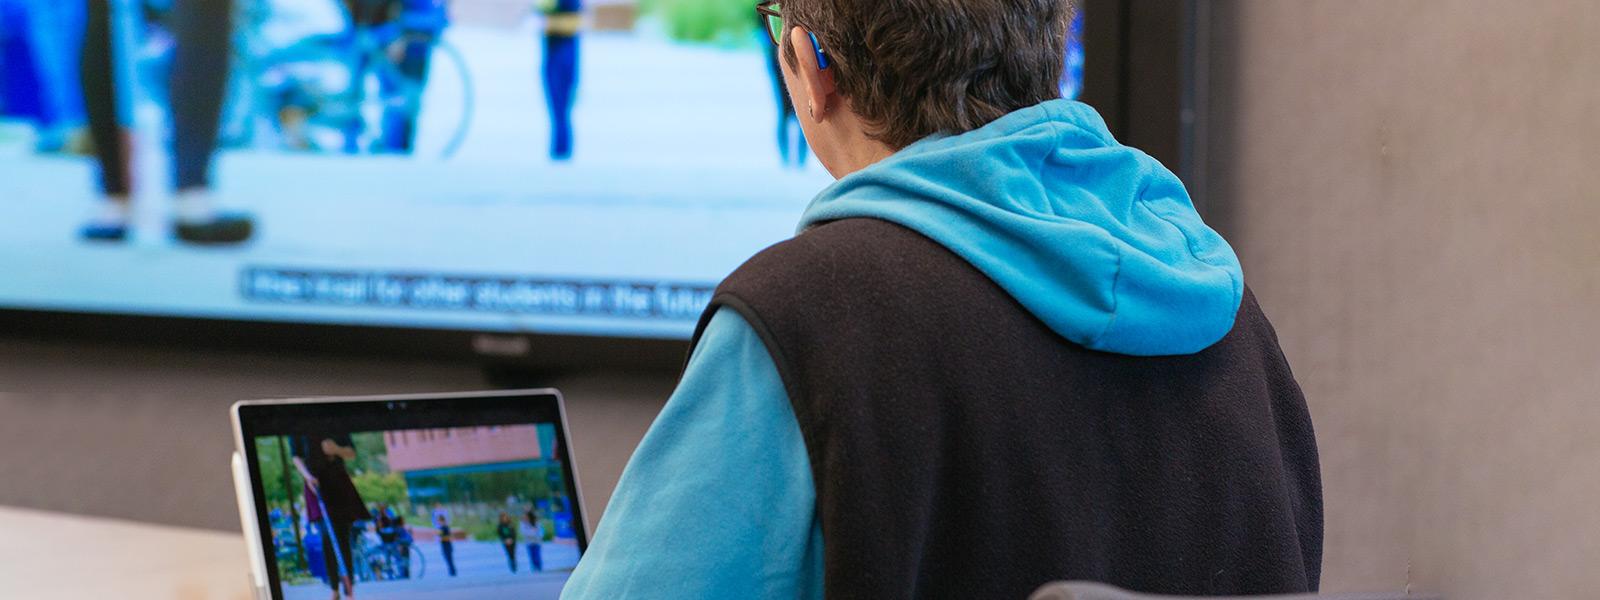 Kobieta, która korzysta z aparatu słuchowego, ogląda prezentację wideo z napisami